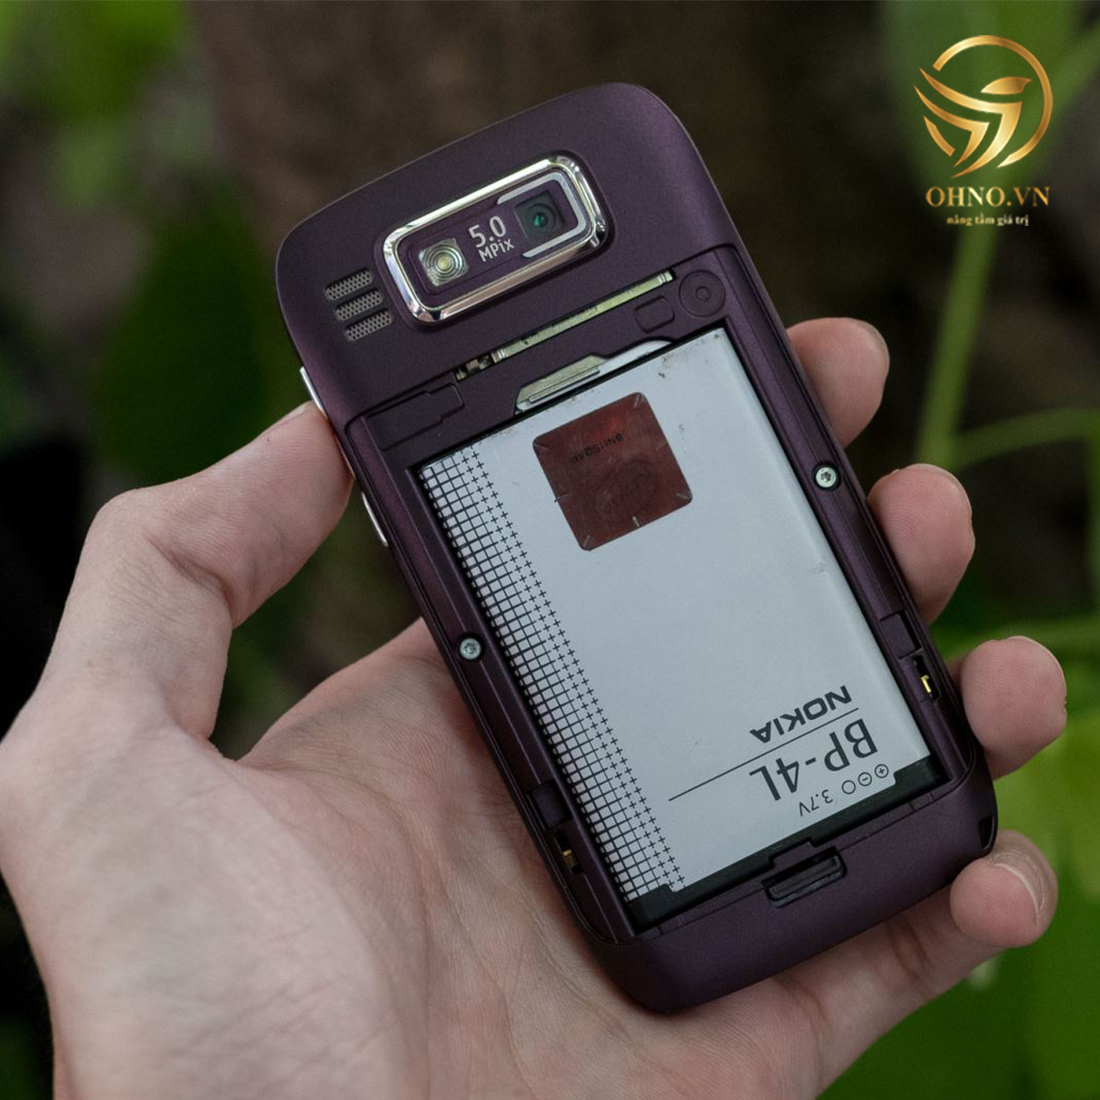 điện thoại nokia bàn phím qwerty 24 chữ cái e72 wifi cũ chính hãng main zin